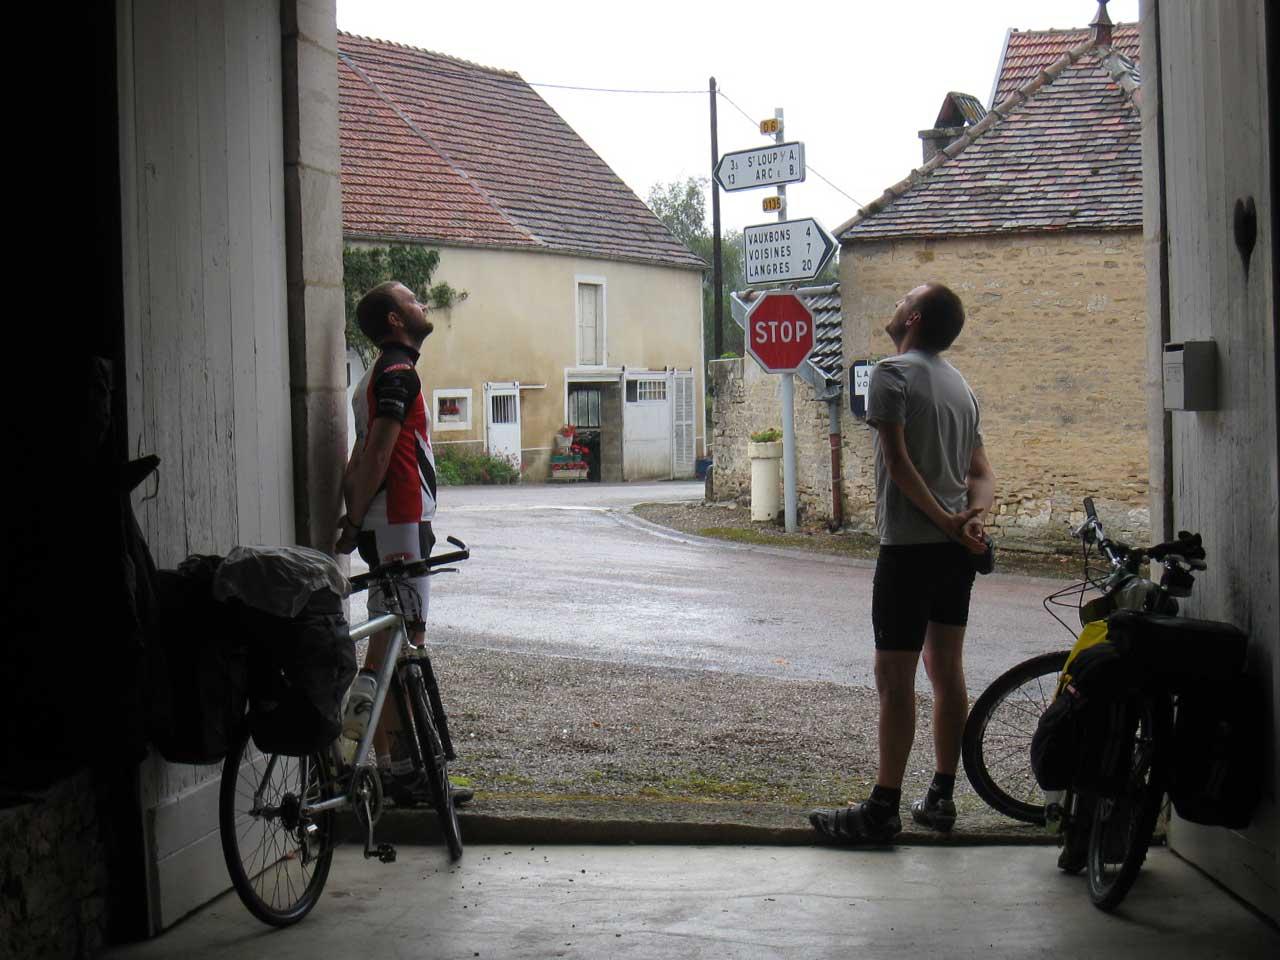 viaggio in bici, ispirazione birra lessinia